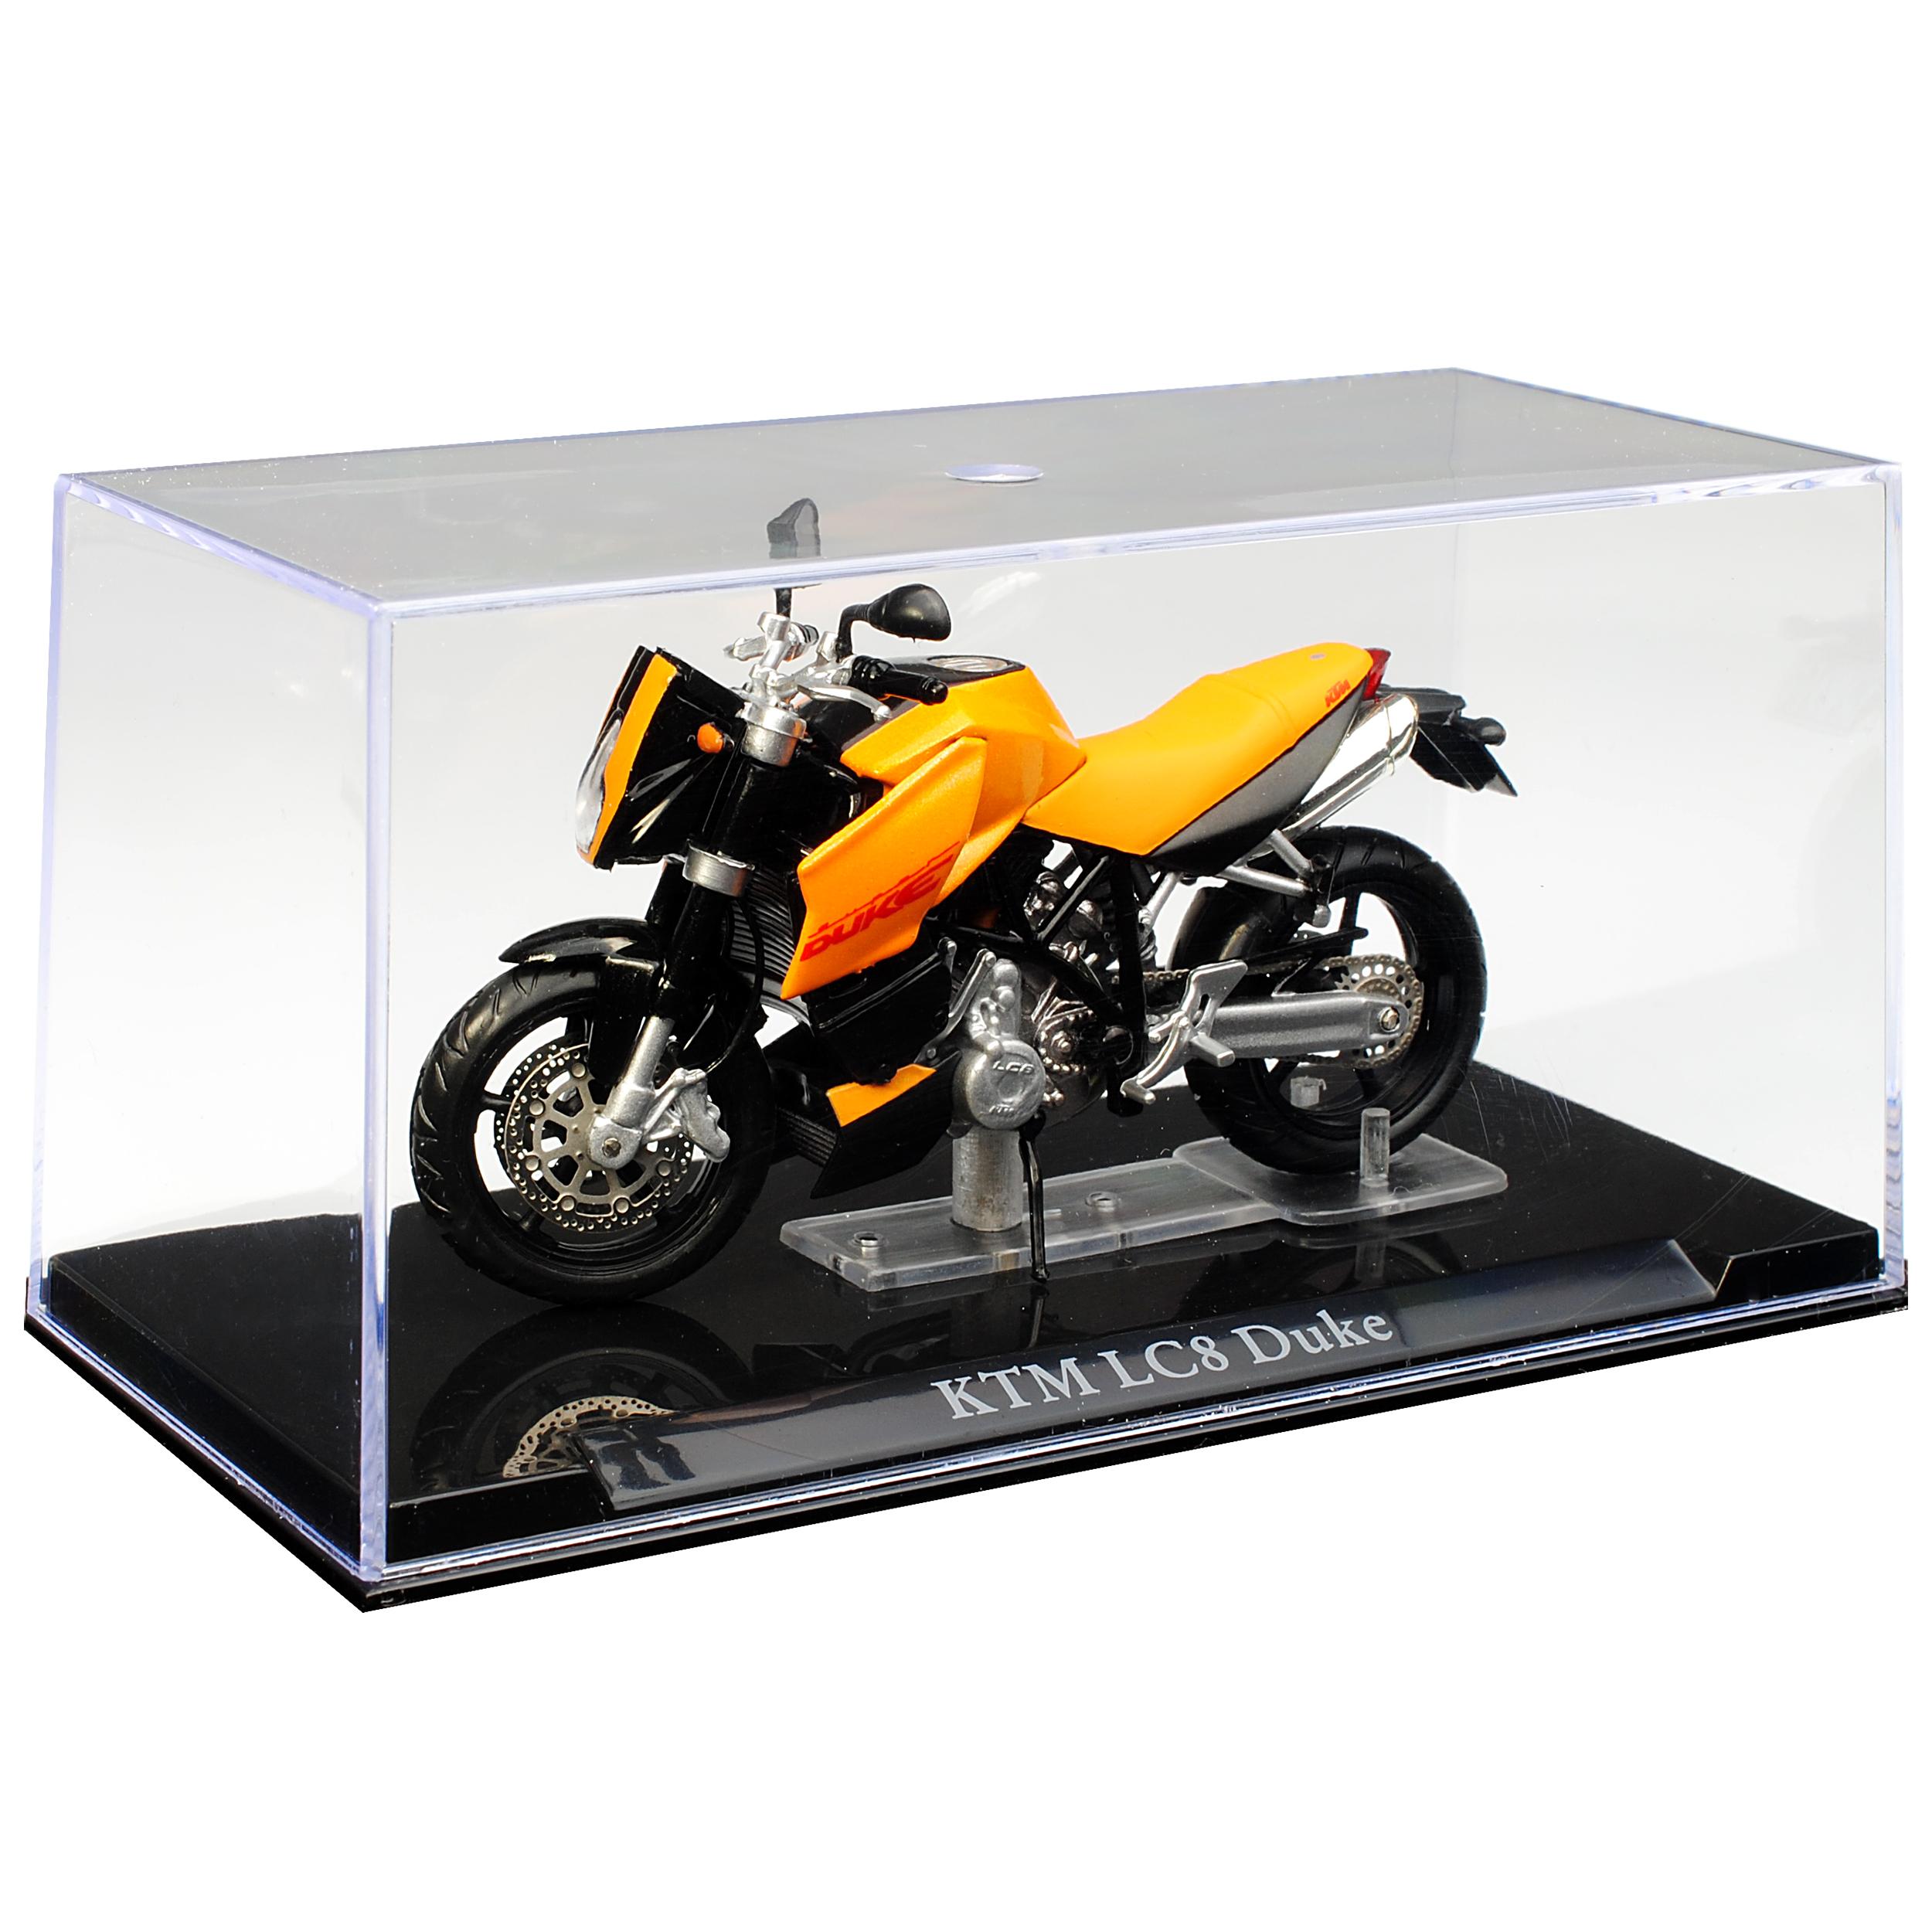 KTM LC8 Duke Orange mit Sockel und Vitrine 1//24 Atlas Modell Motorrad mit oder..